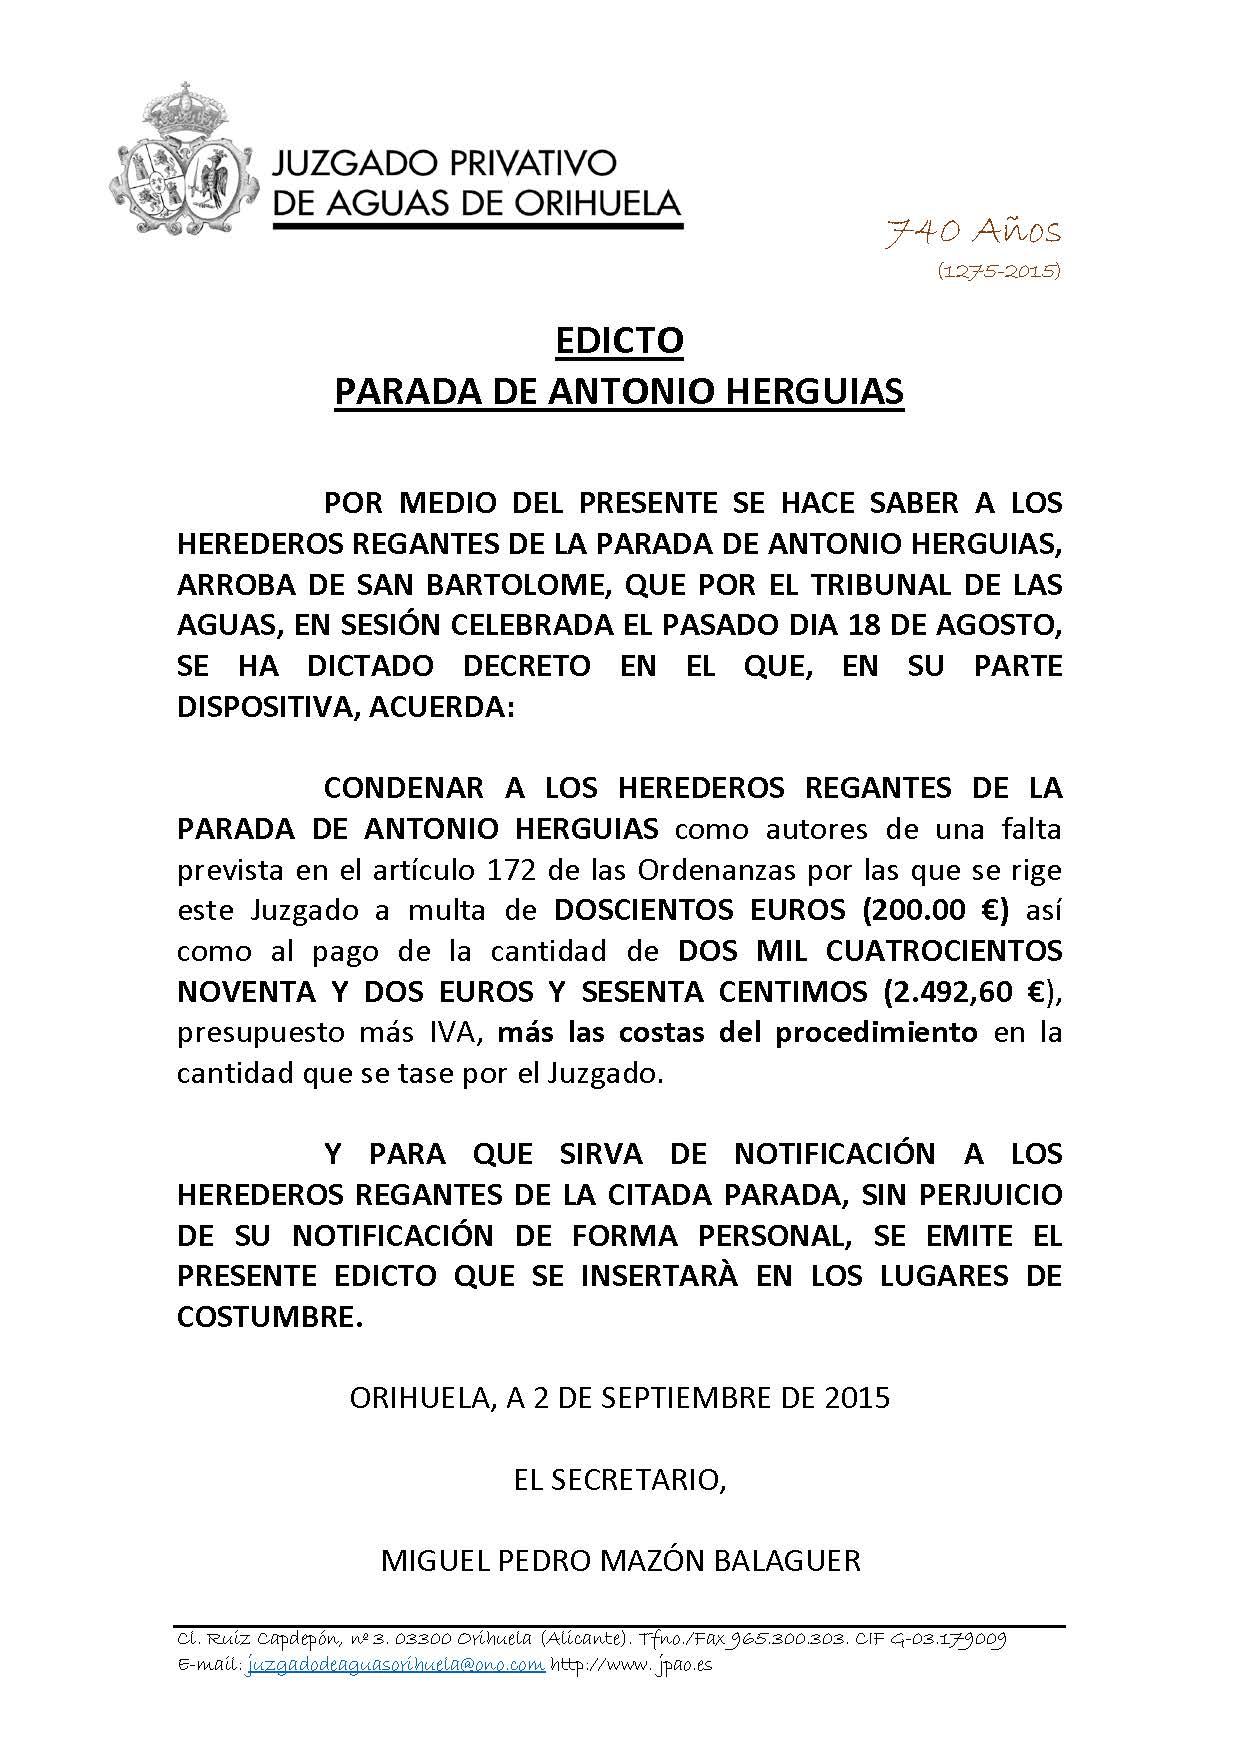 90 2015 ARROBA DE SAN BARTOLOME. EDICTO NOTIFICACION